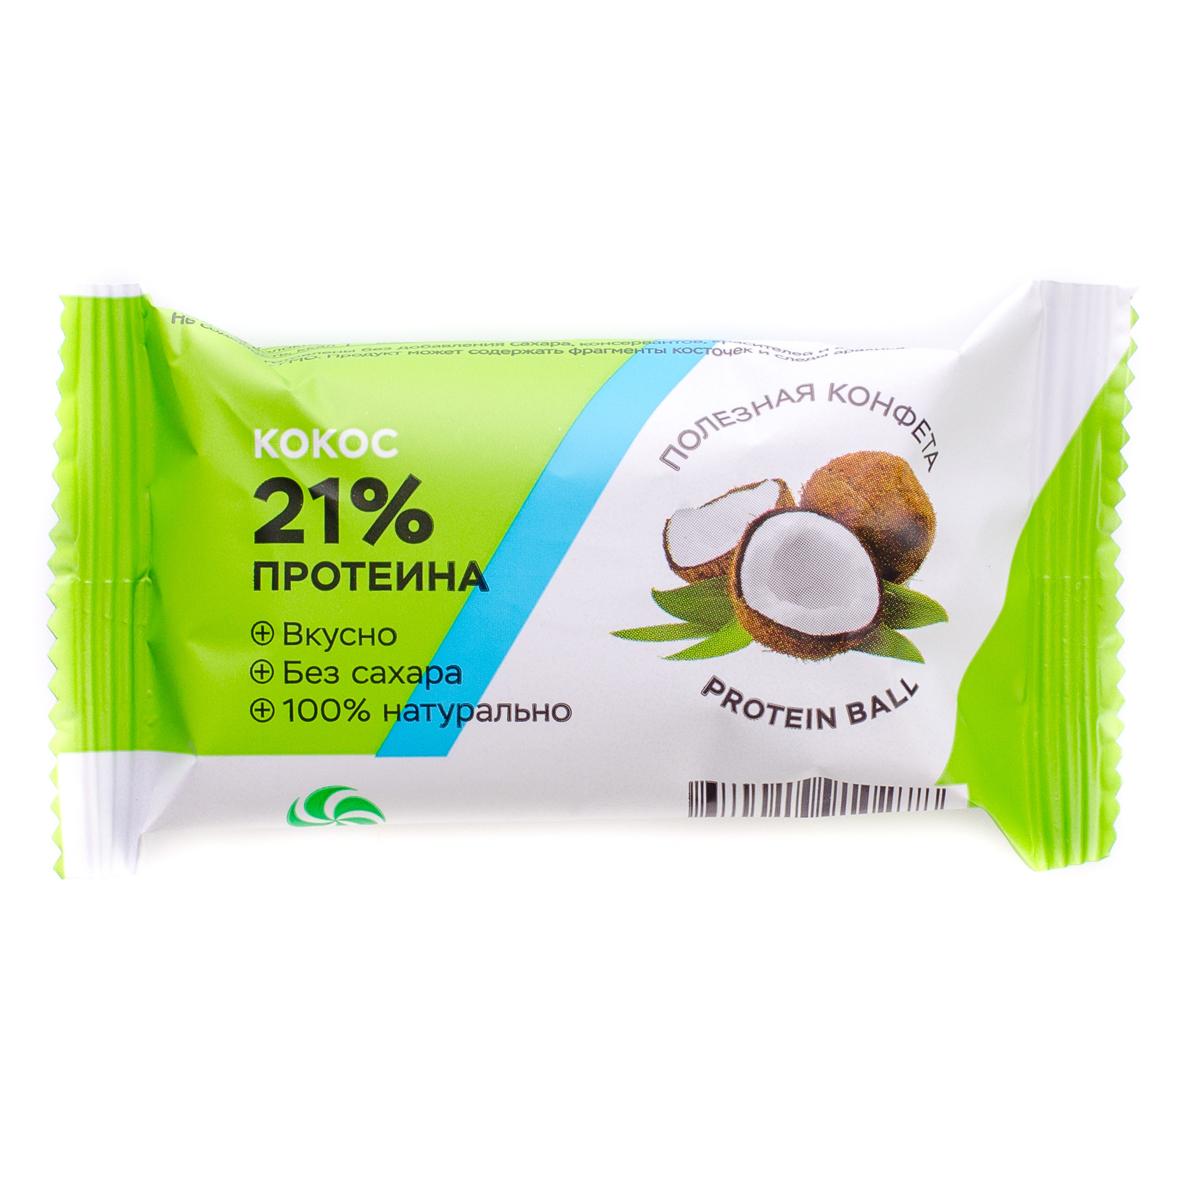 Полезная конфета Protein Ball. Кокос 30 гр.